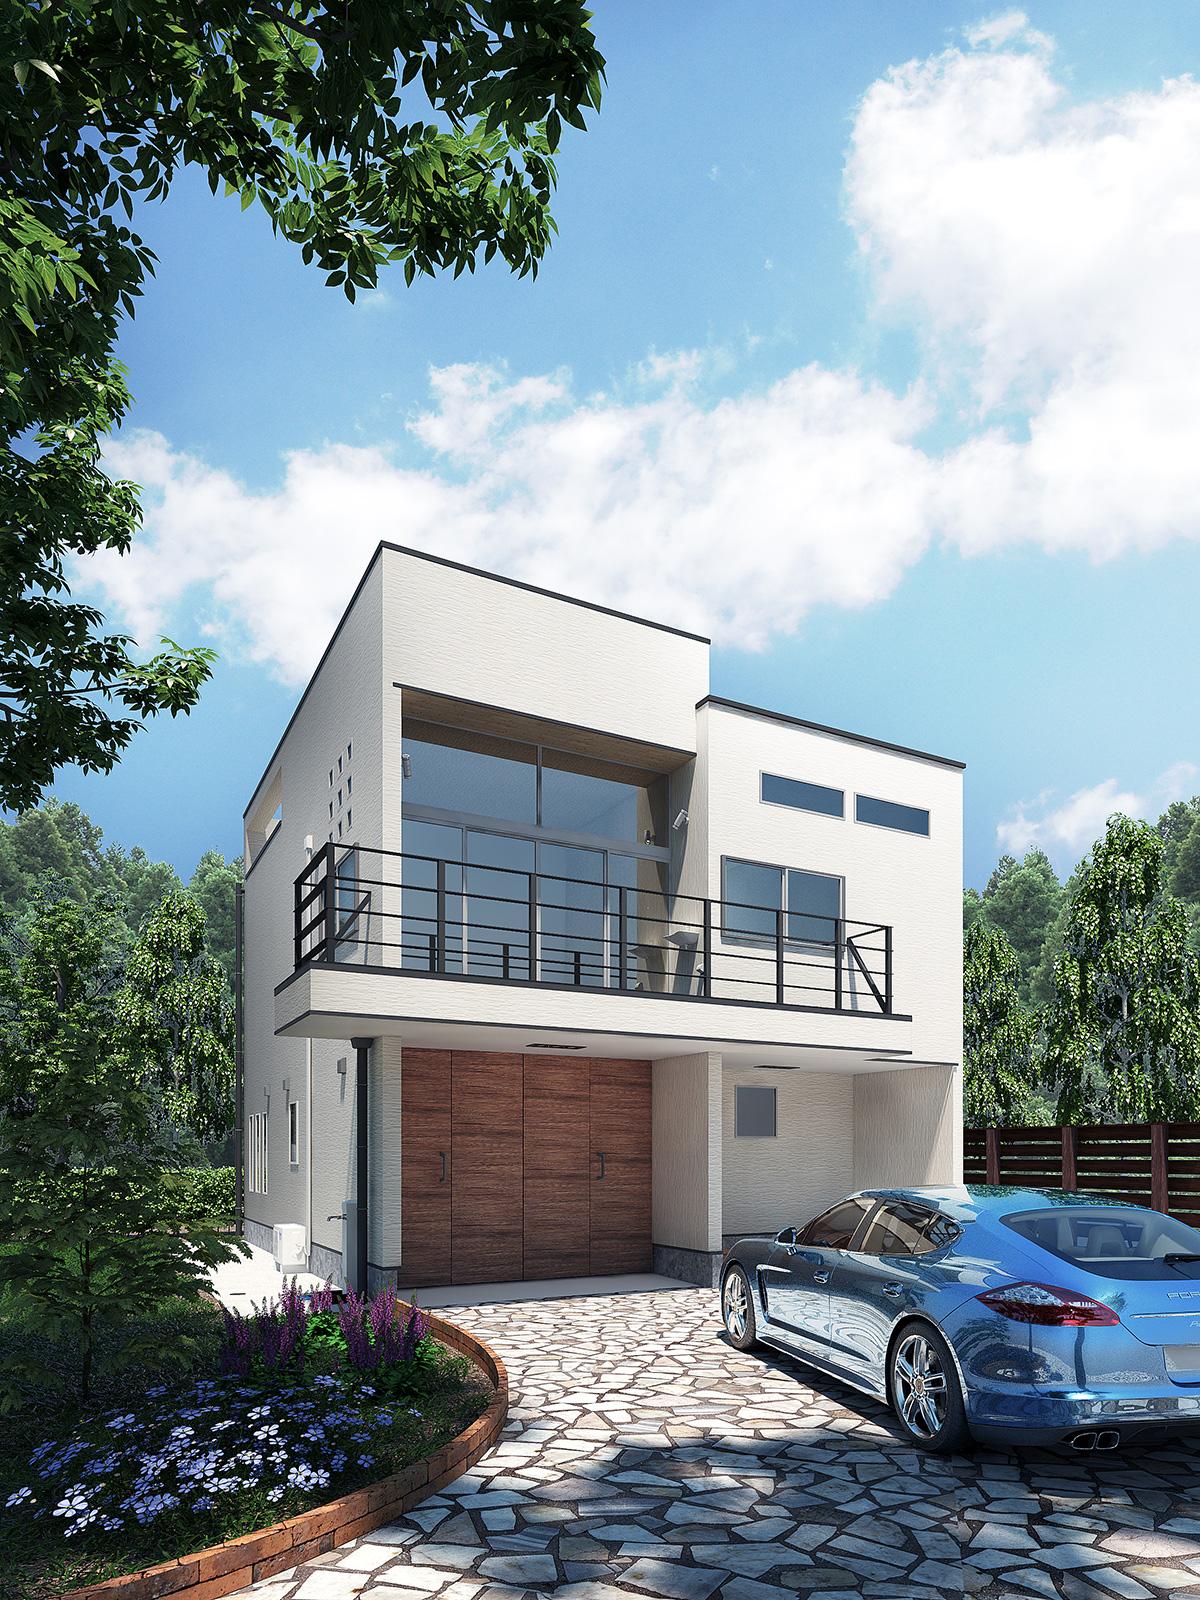 HQ-08 | 戸建て住宅